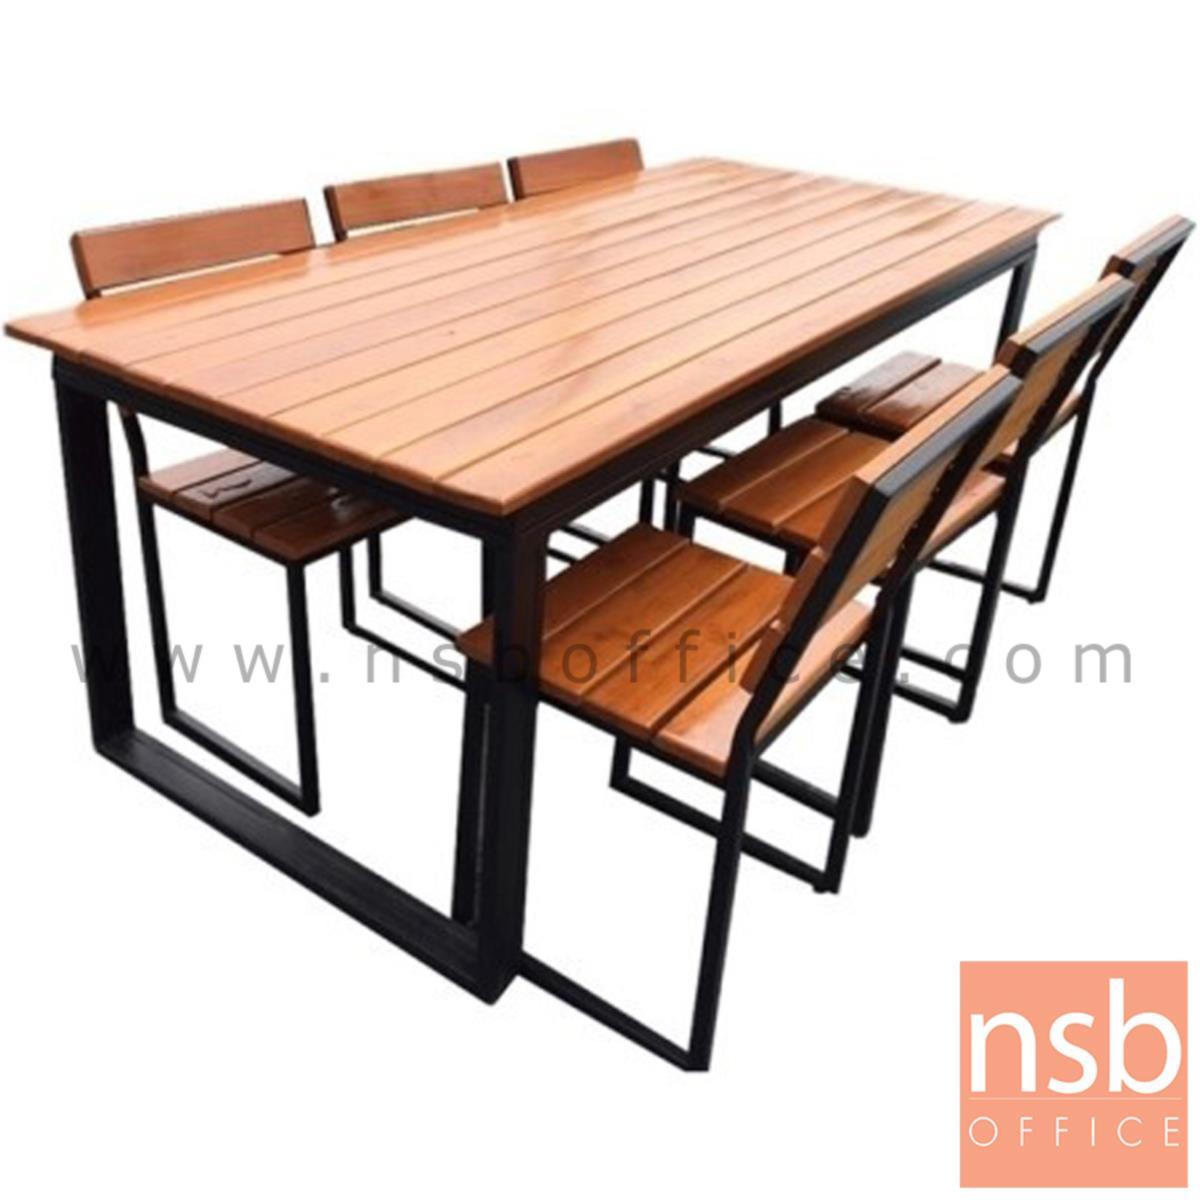 ชุดโต๊ะและเก้าอี้กิจกรรมไม้ระแนงทำสีสัก รุ่น WASHINGTON (วอชิงตัน) ขนาด 90W ,150W cm. ขาโมเดิร์น